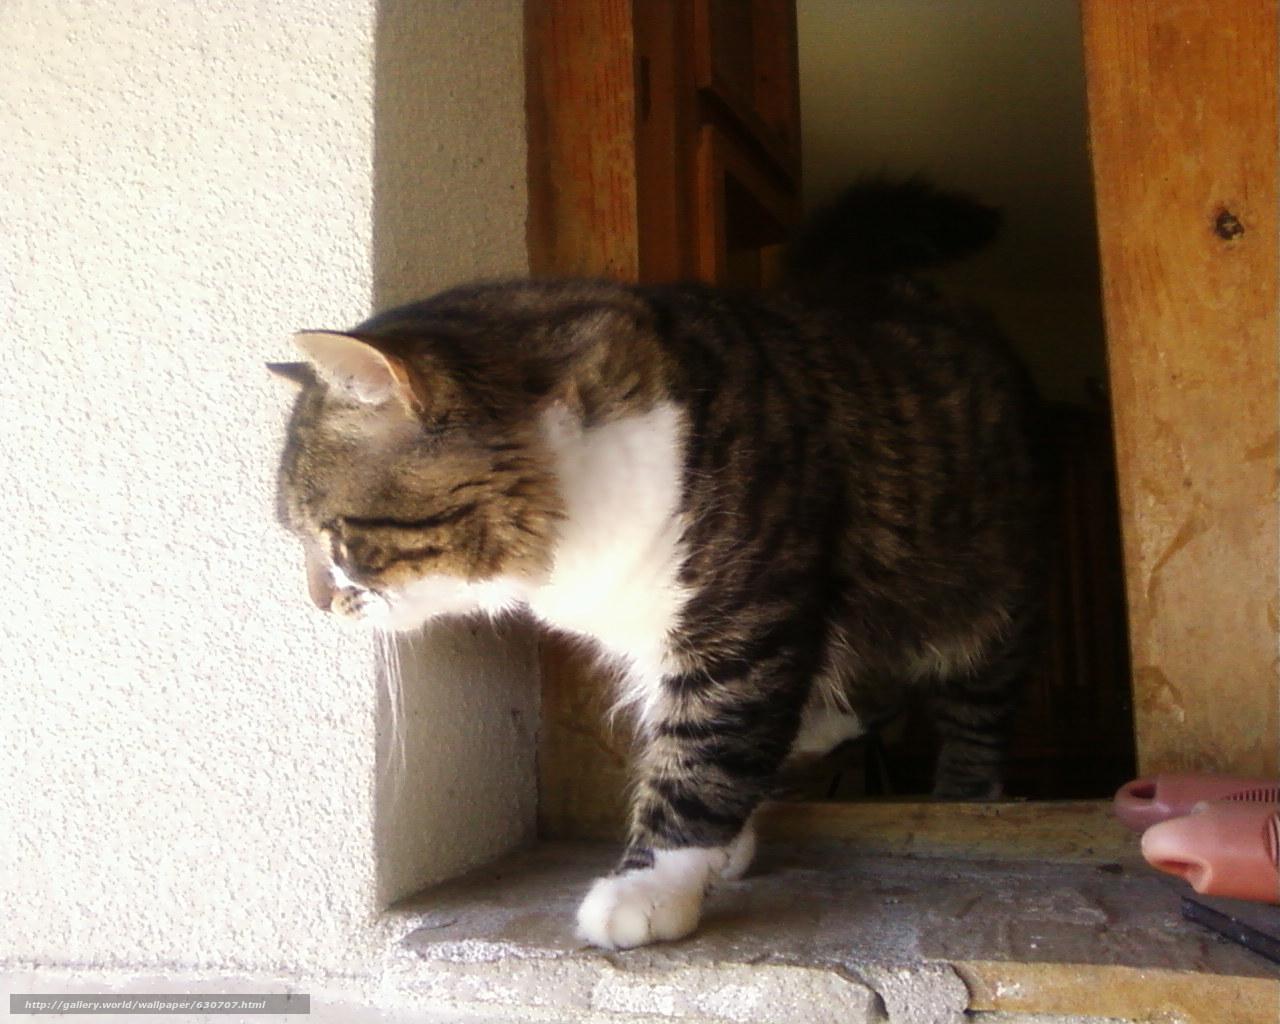 Download Hintergrund cat,  Muschi,  Notdurft Freie desktop Tapeten in der Auflosung 1280x1024 — bild №630707